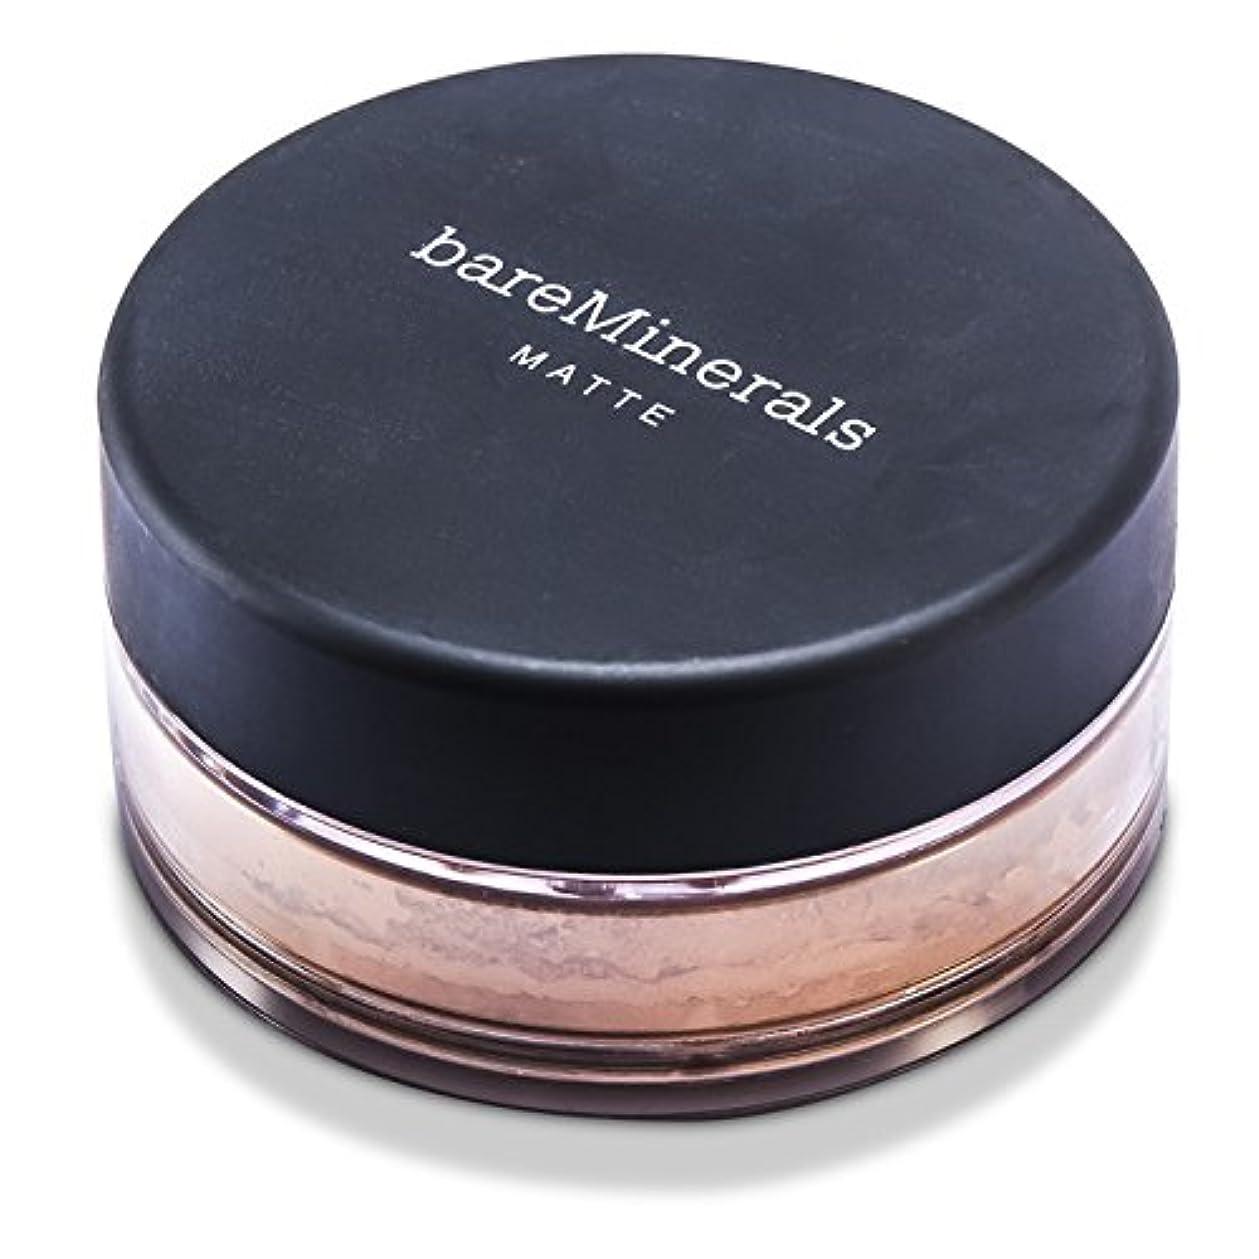 補体ライブ妥協BareMinerals ベアミネラル マット ファンデーション SPF15 - Medium Tan 6g/0.21oz並行輸入品